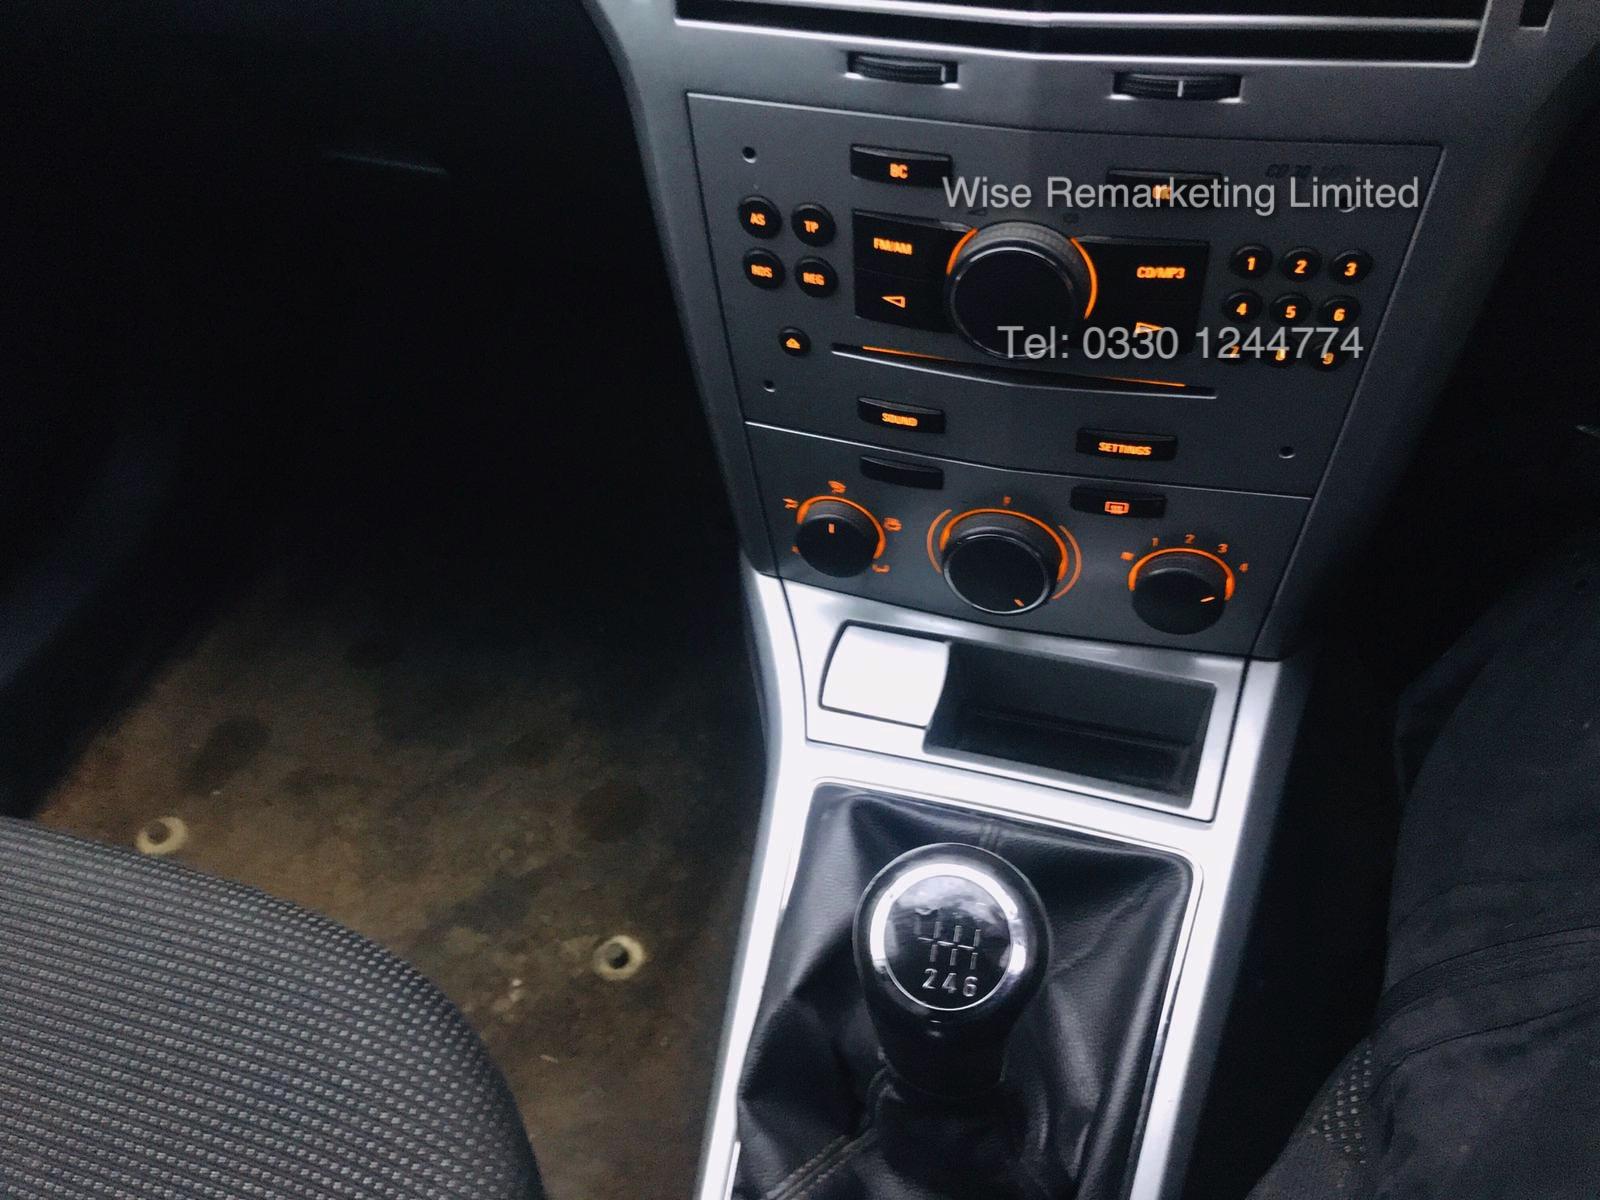 Lot 27 - (RESERVE MET) Vauxhall Astra Van 1.3 CDTi - 2011 Model - 5 Seater Crew Van - SAVE 20% NO VAT